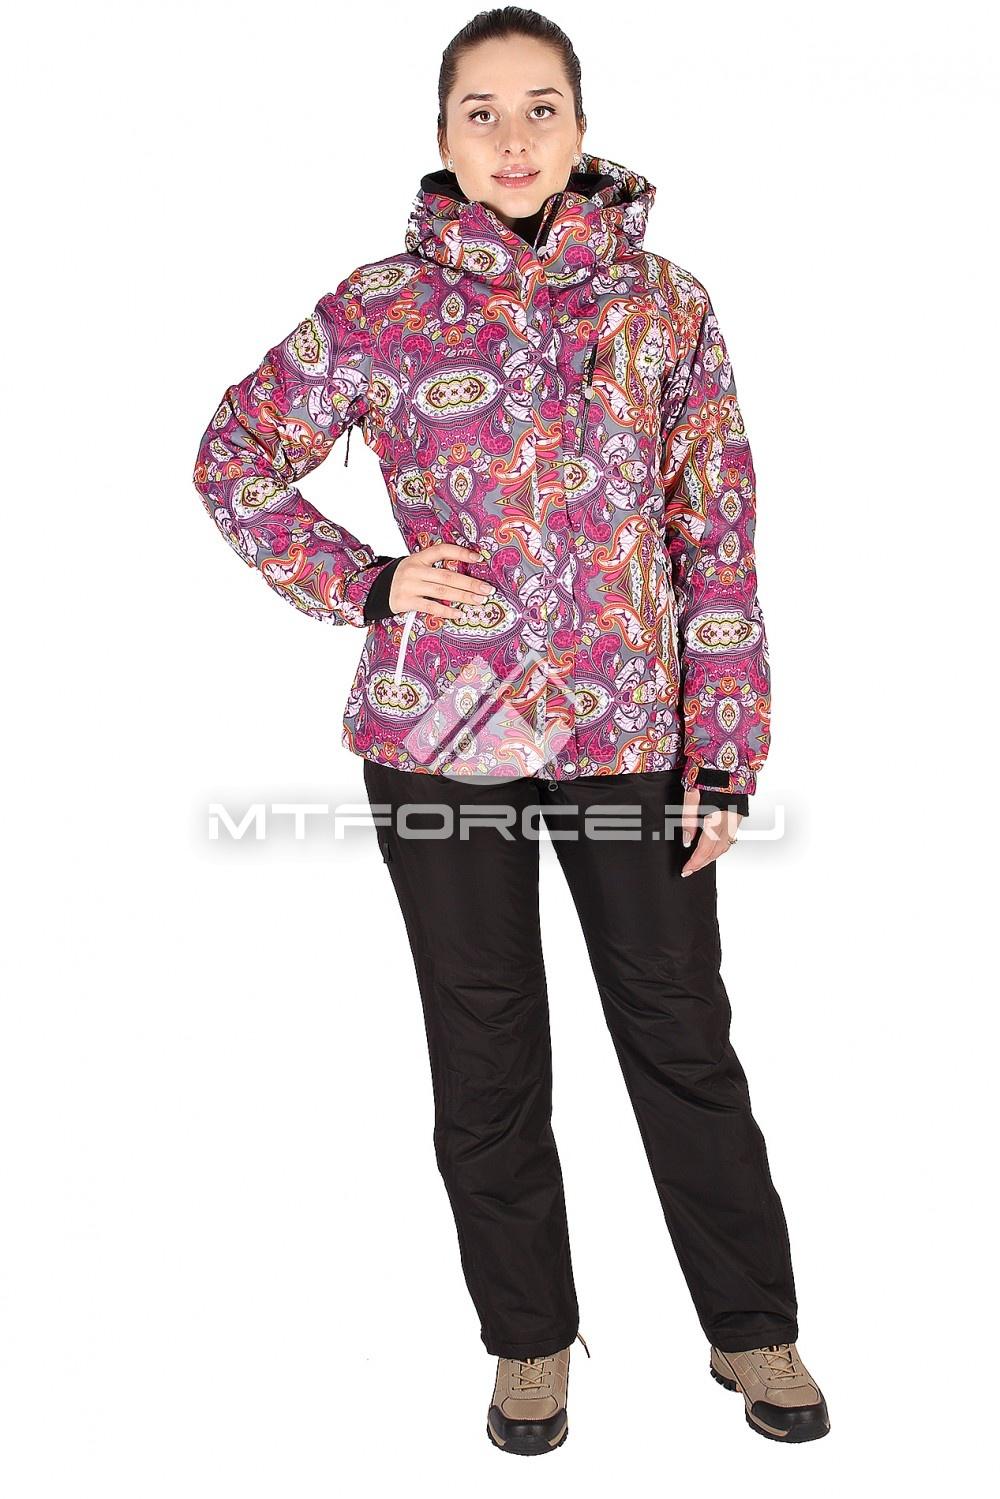 Купить                                  оптом Костюм горнолыжный женский фиолетового цвета 0305F